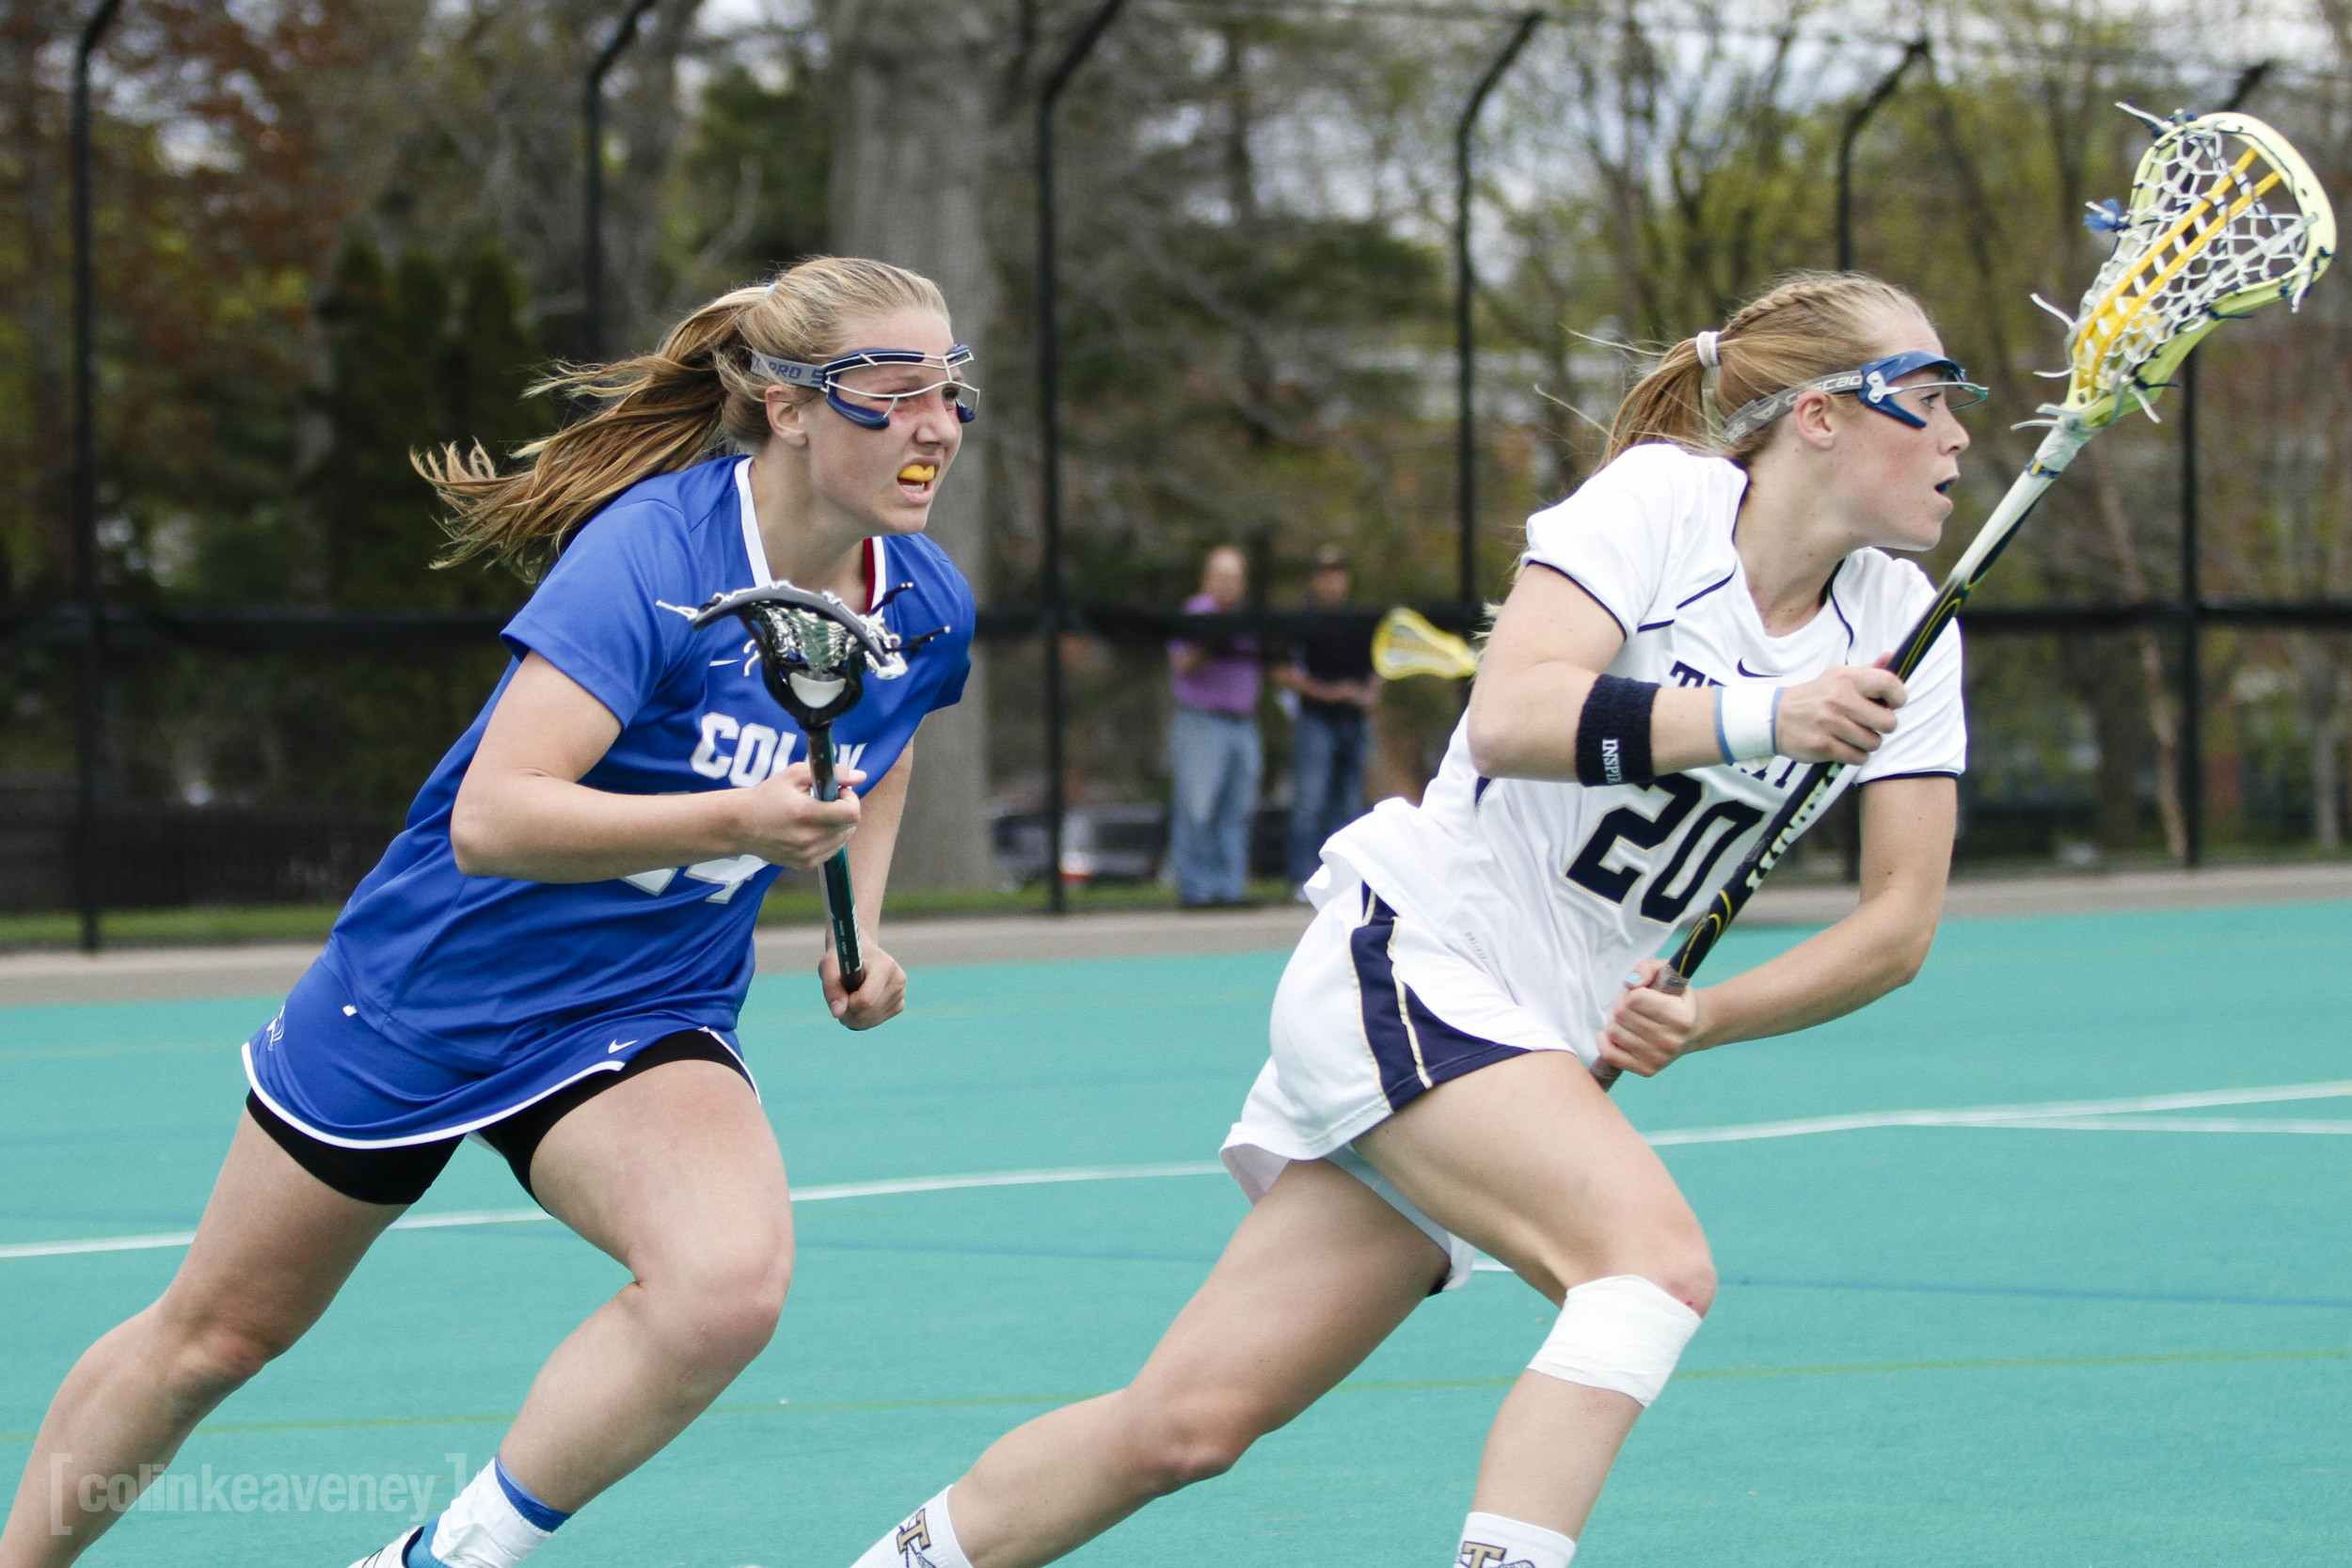 COLBY_lacrosse-98.jpg